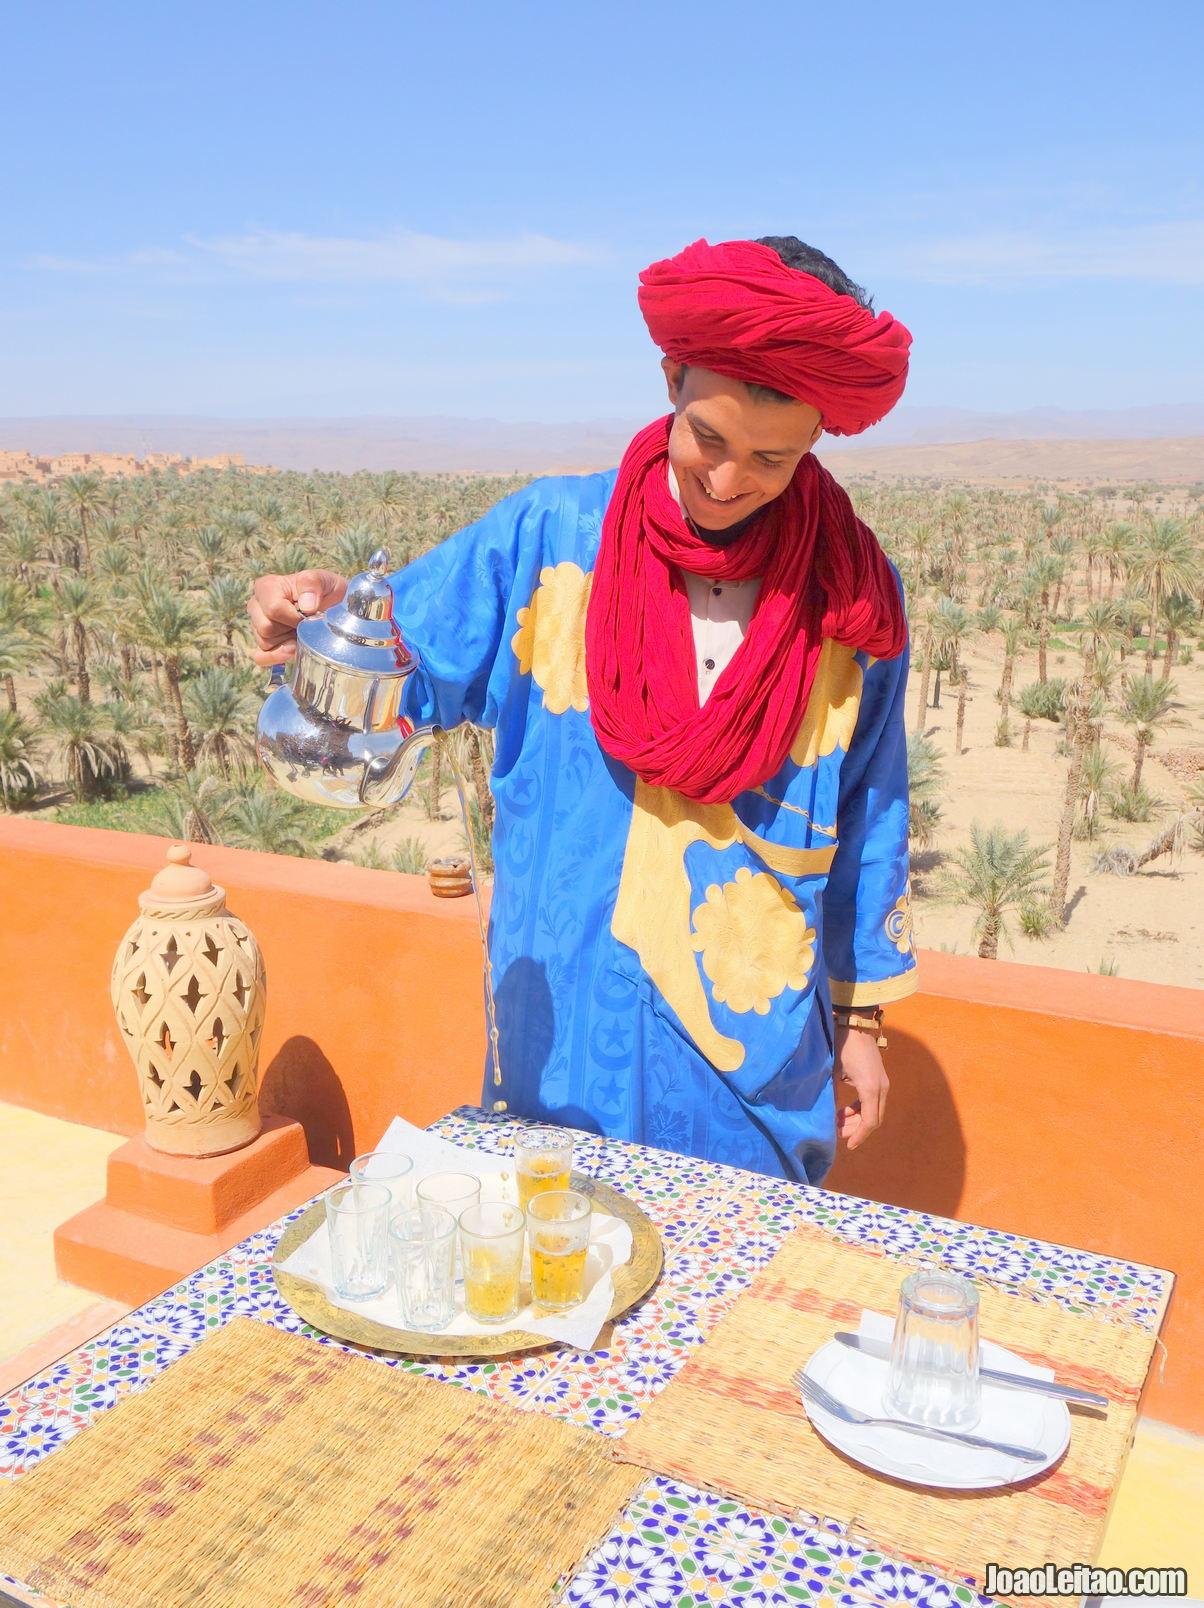 Marrocos • Guia de Viagem • O que Visitar em Marrocos 1